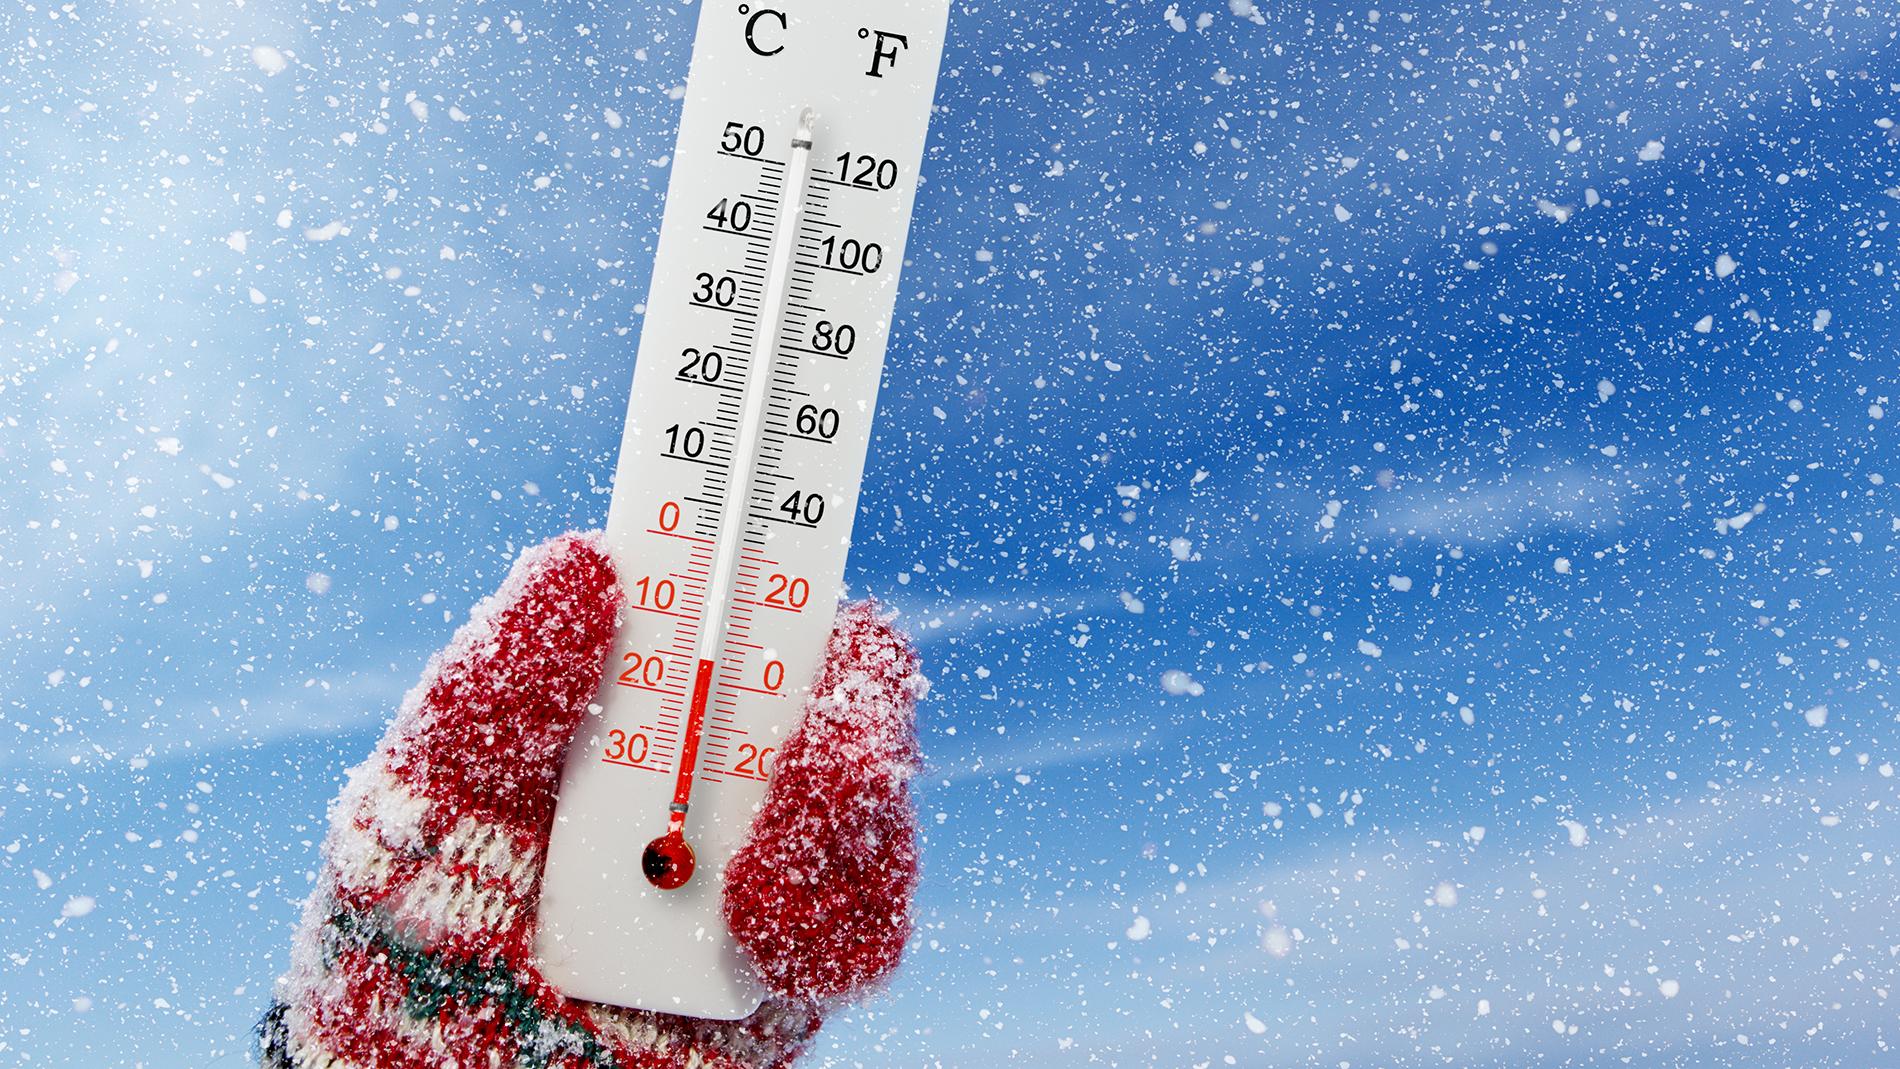 Солнечный Терминатор: раскрыта тайна аномального похолодания прошедшей зимой